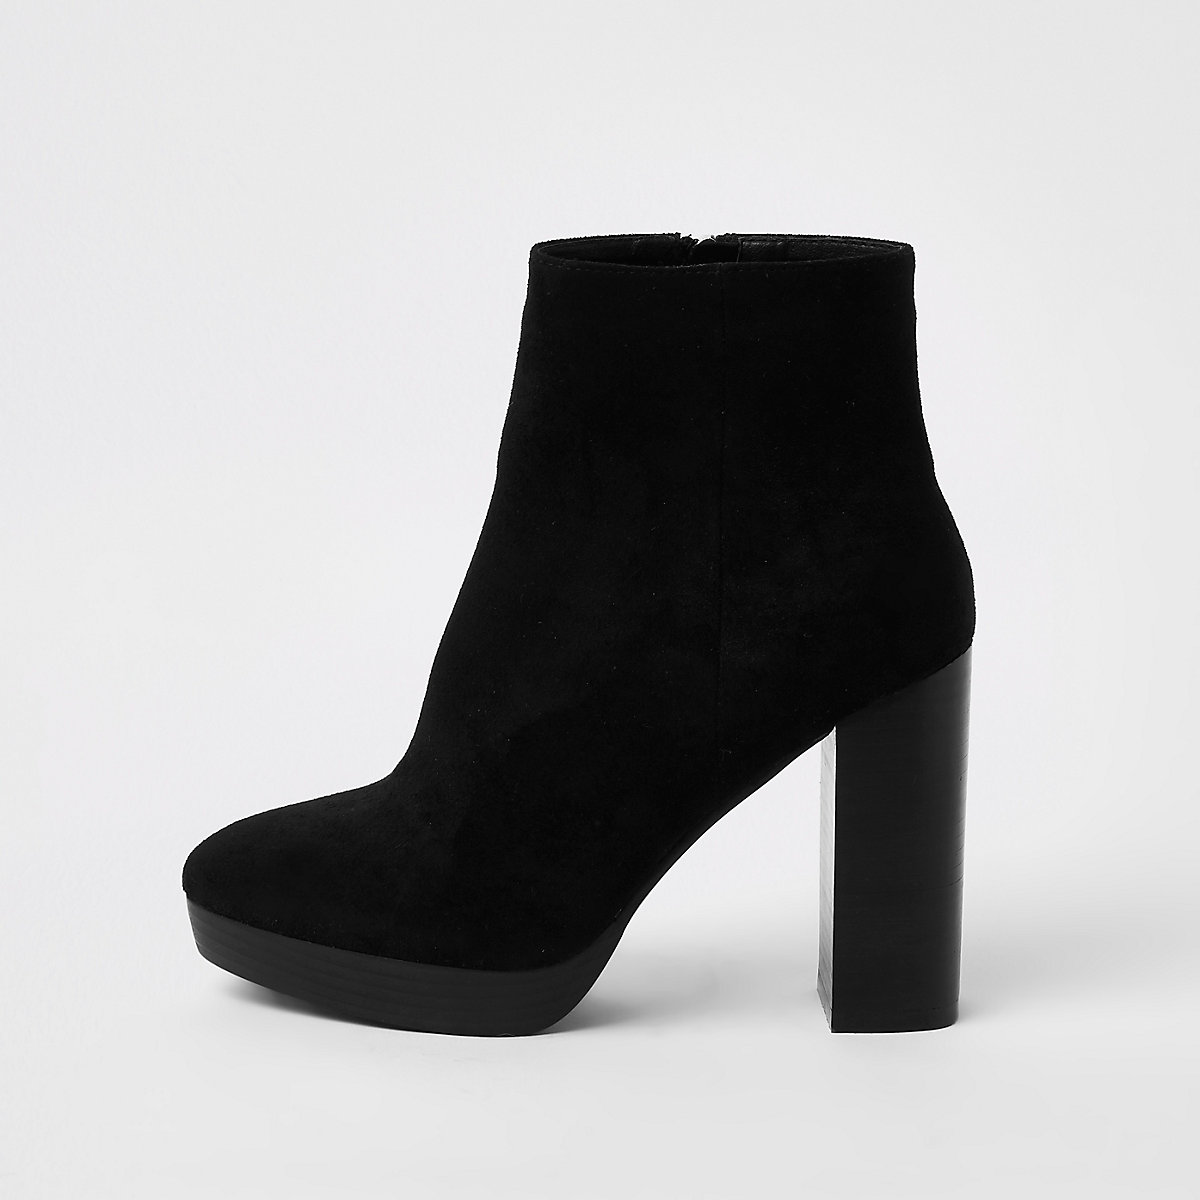 Zwarte stevige imitatiesuède laarzen met plateauzool en brede pasvorm